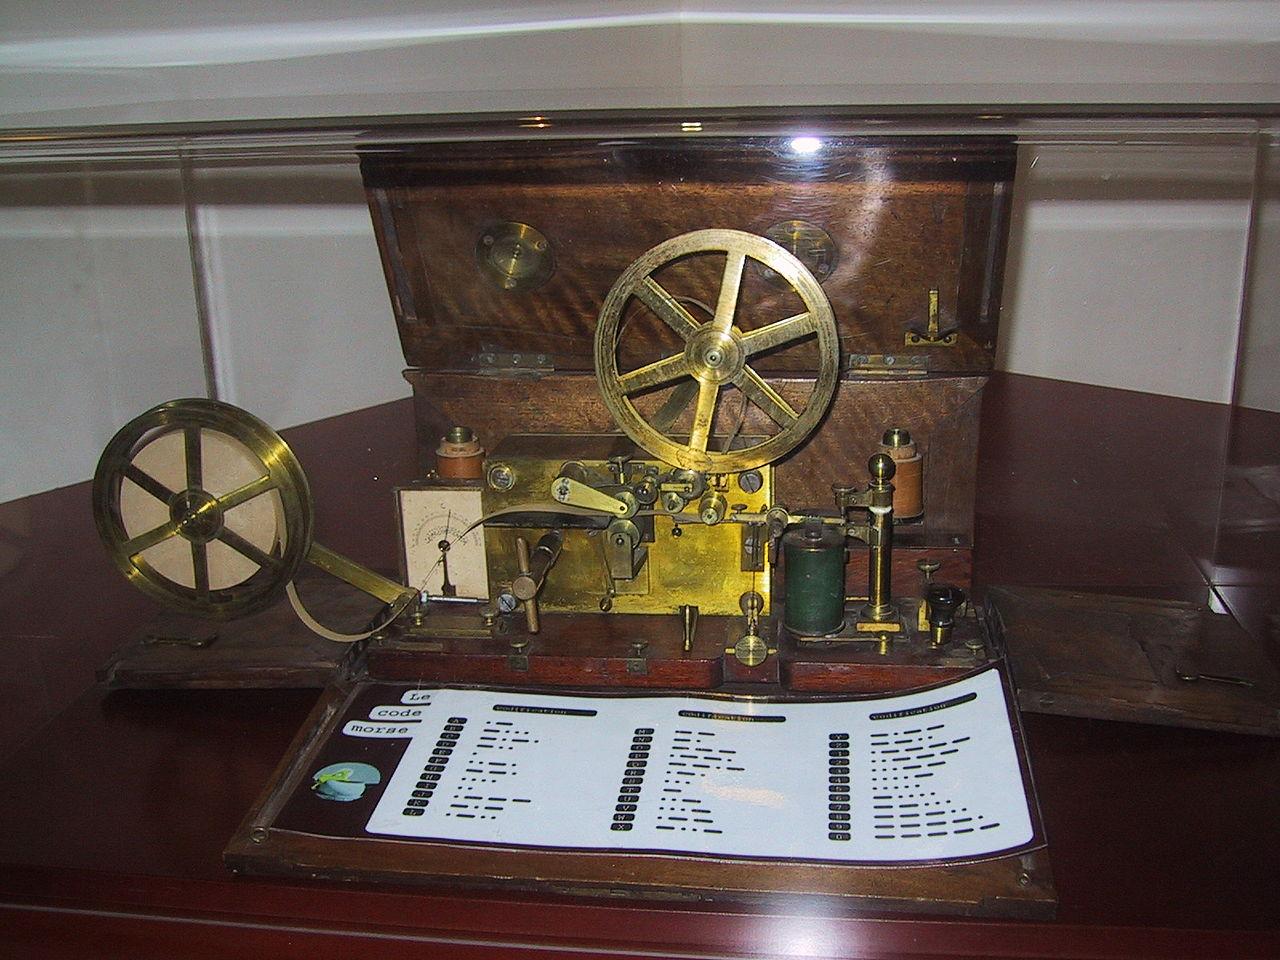 Télégraphe - Morse - Technologie - Ancien - Communication